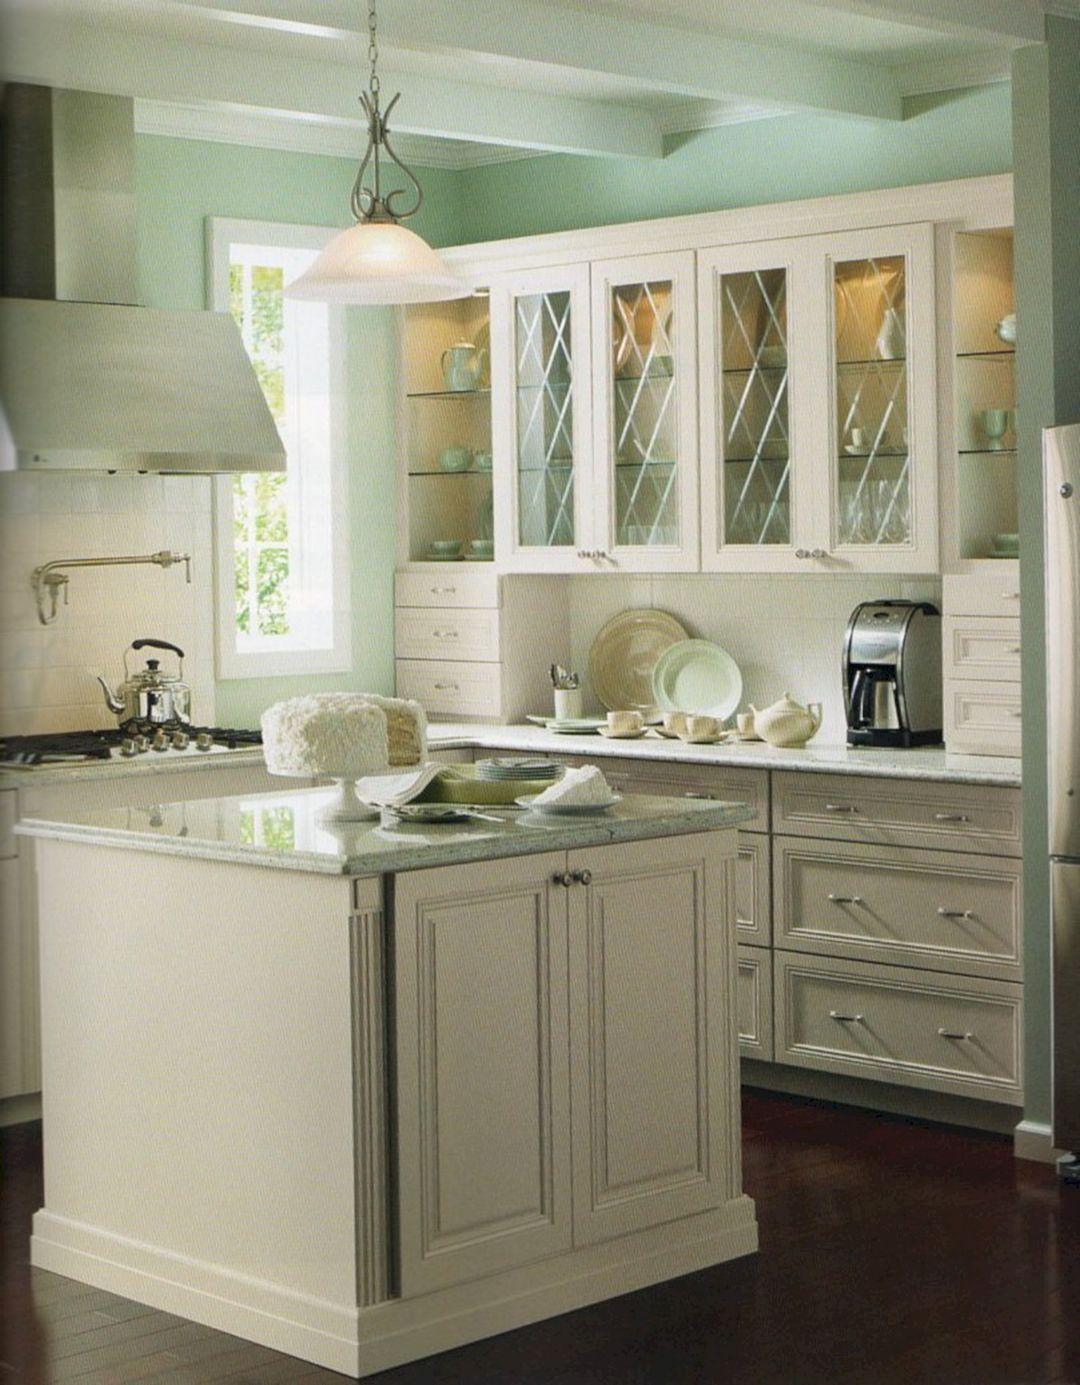 25 martha stewart kitchen for cozy